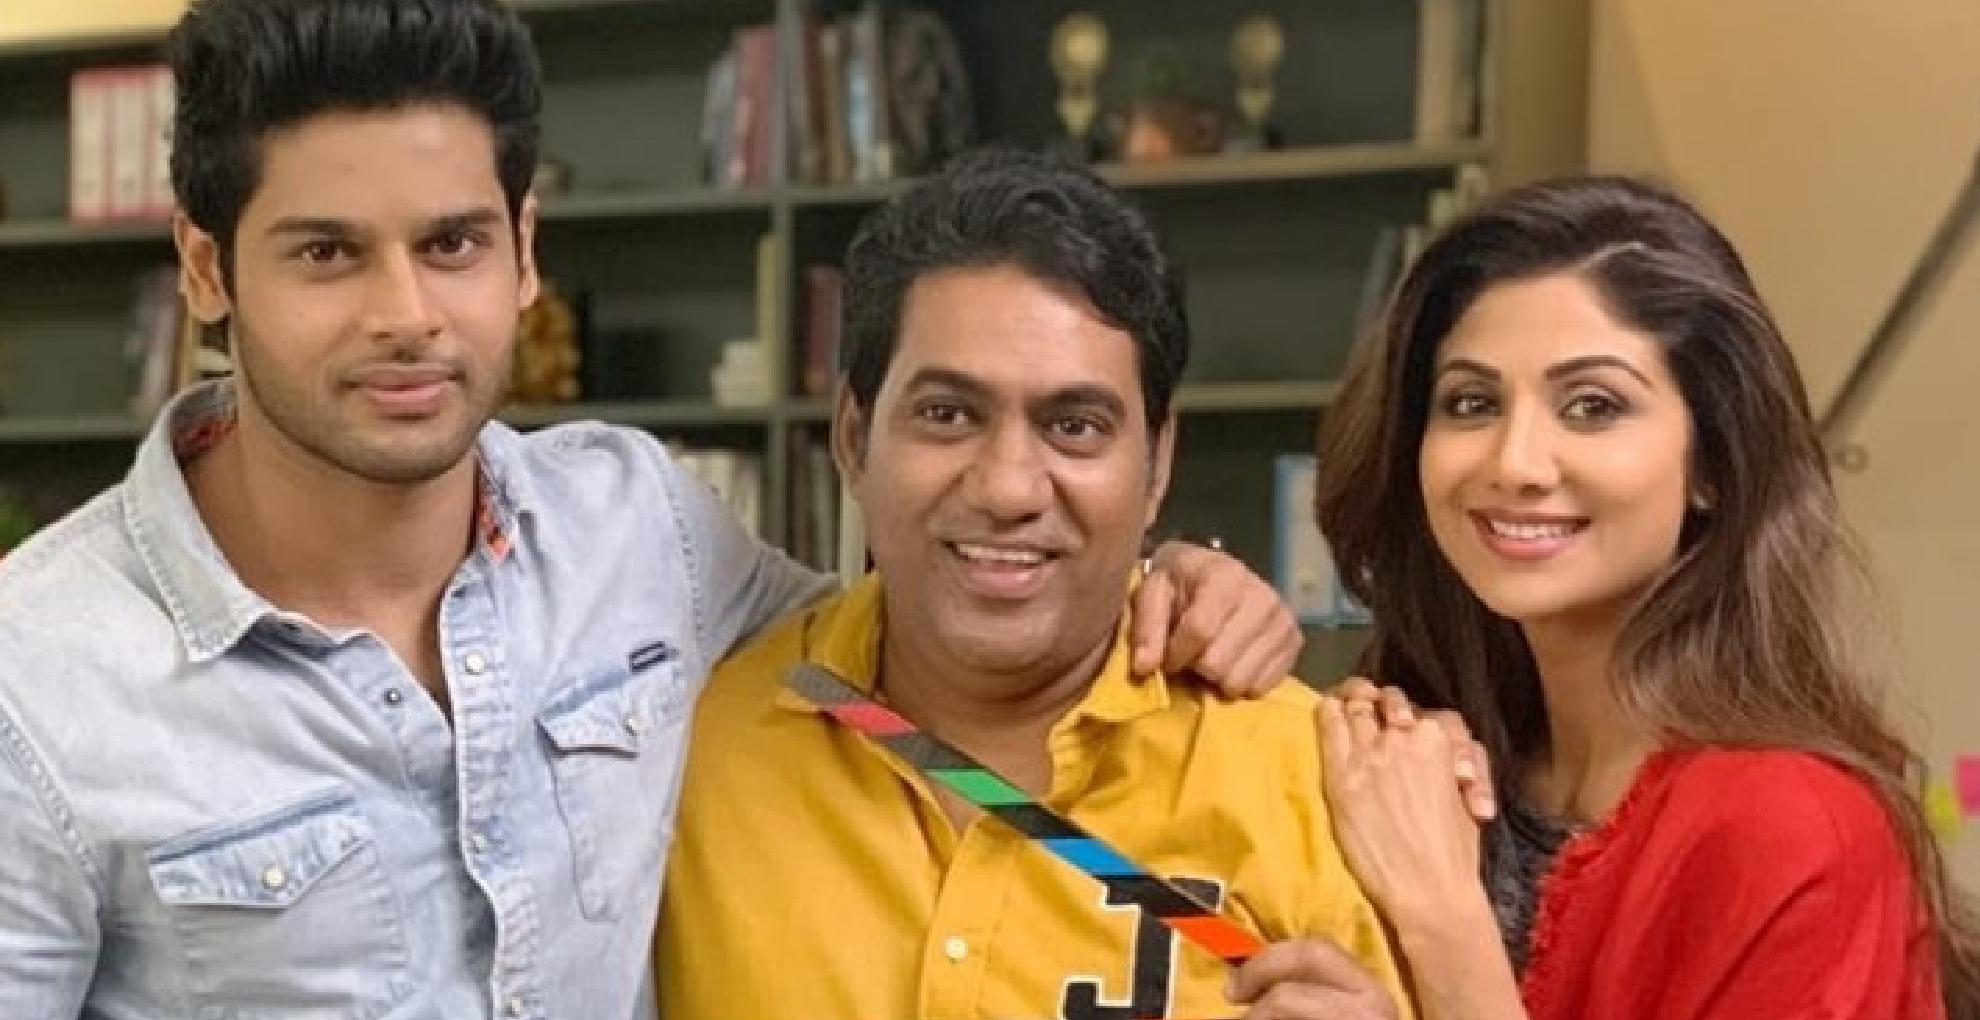 Nikamma Movie: शिल्पा शेट्टी ने शुरू की शूटिंग, सामने आई सेट से तस्वीर, एक्ट्रेस का दिखा खूबसूरत अंदाज